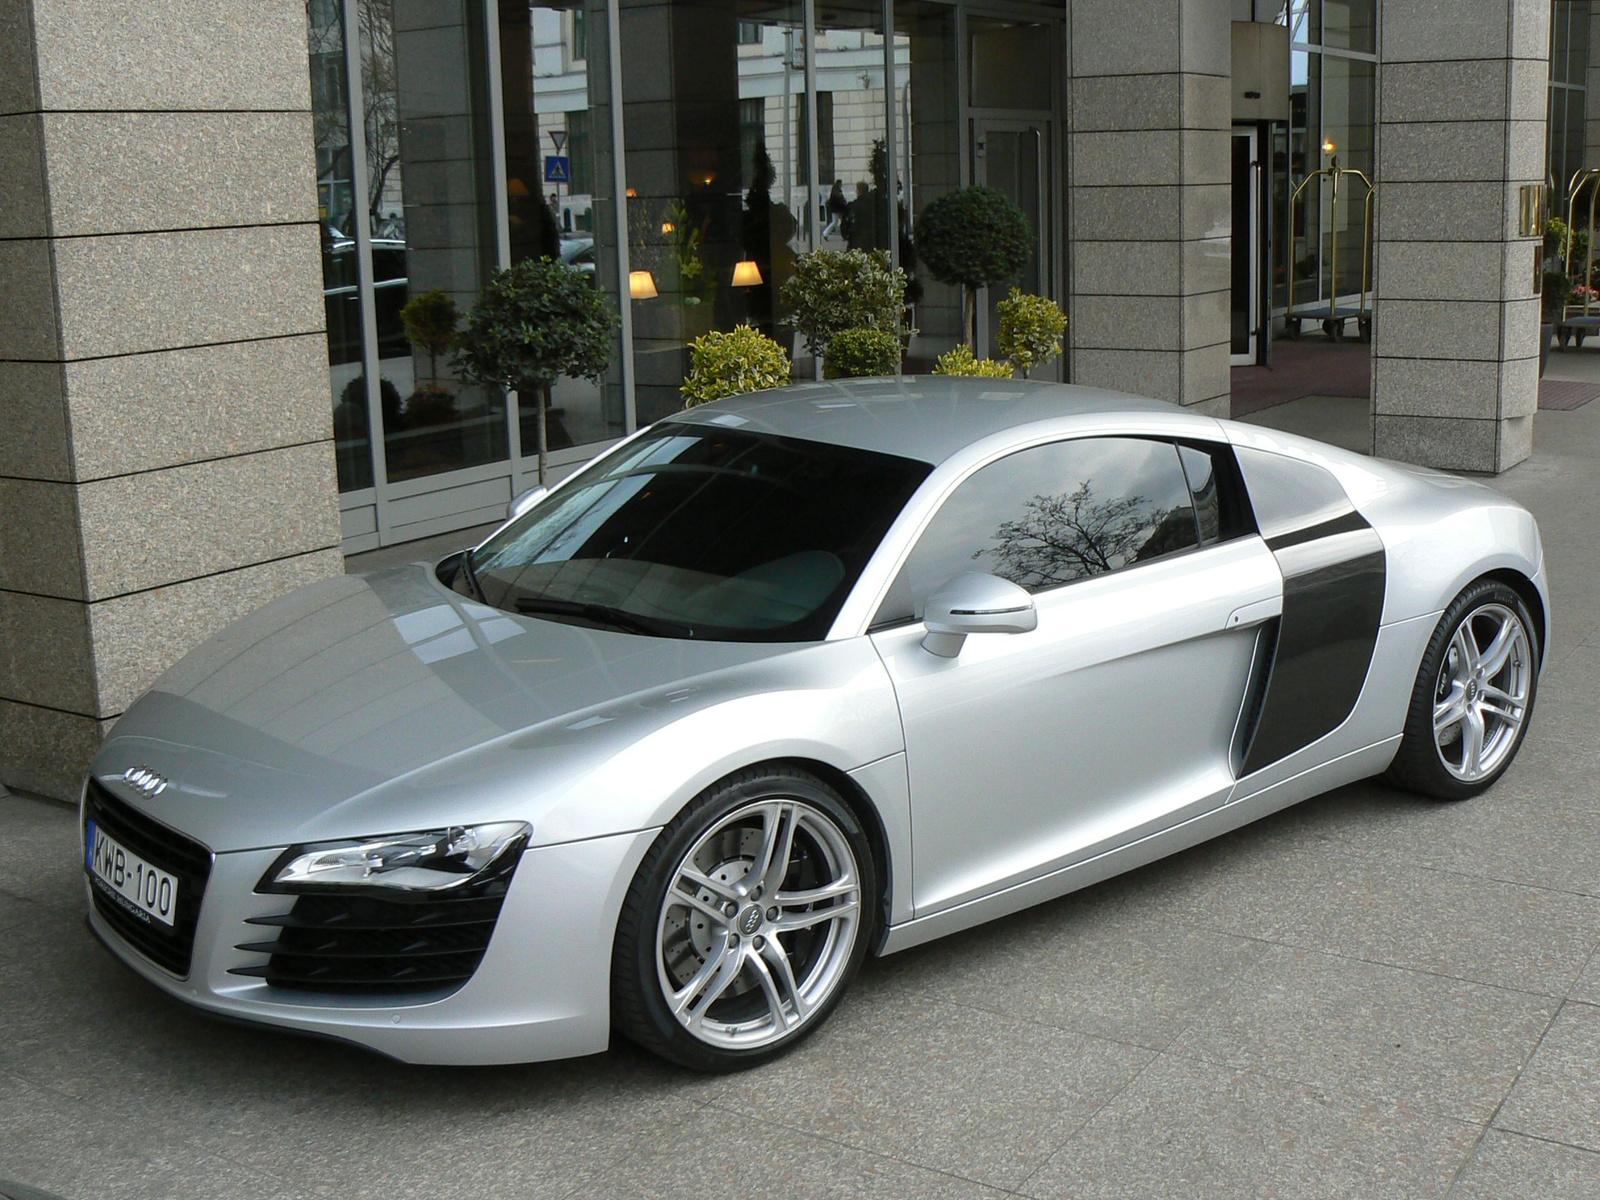 Audi R8 009